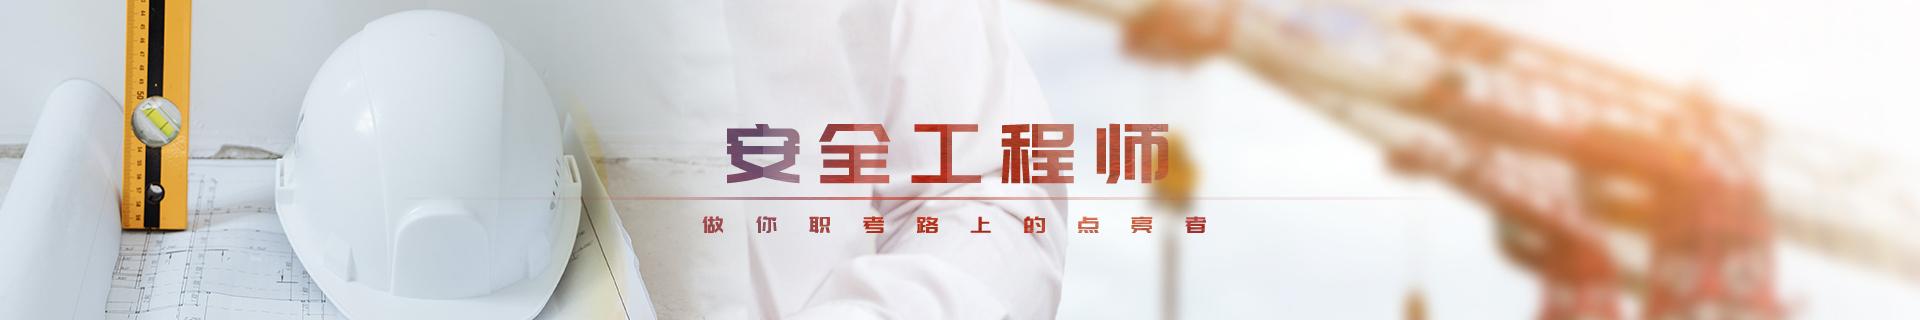 河北石家庄优路教育培训学校